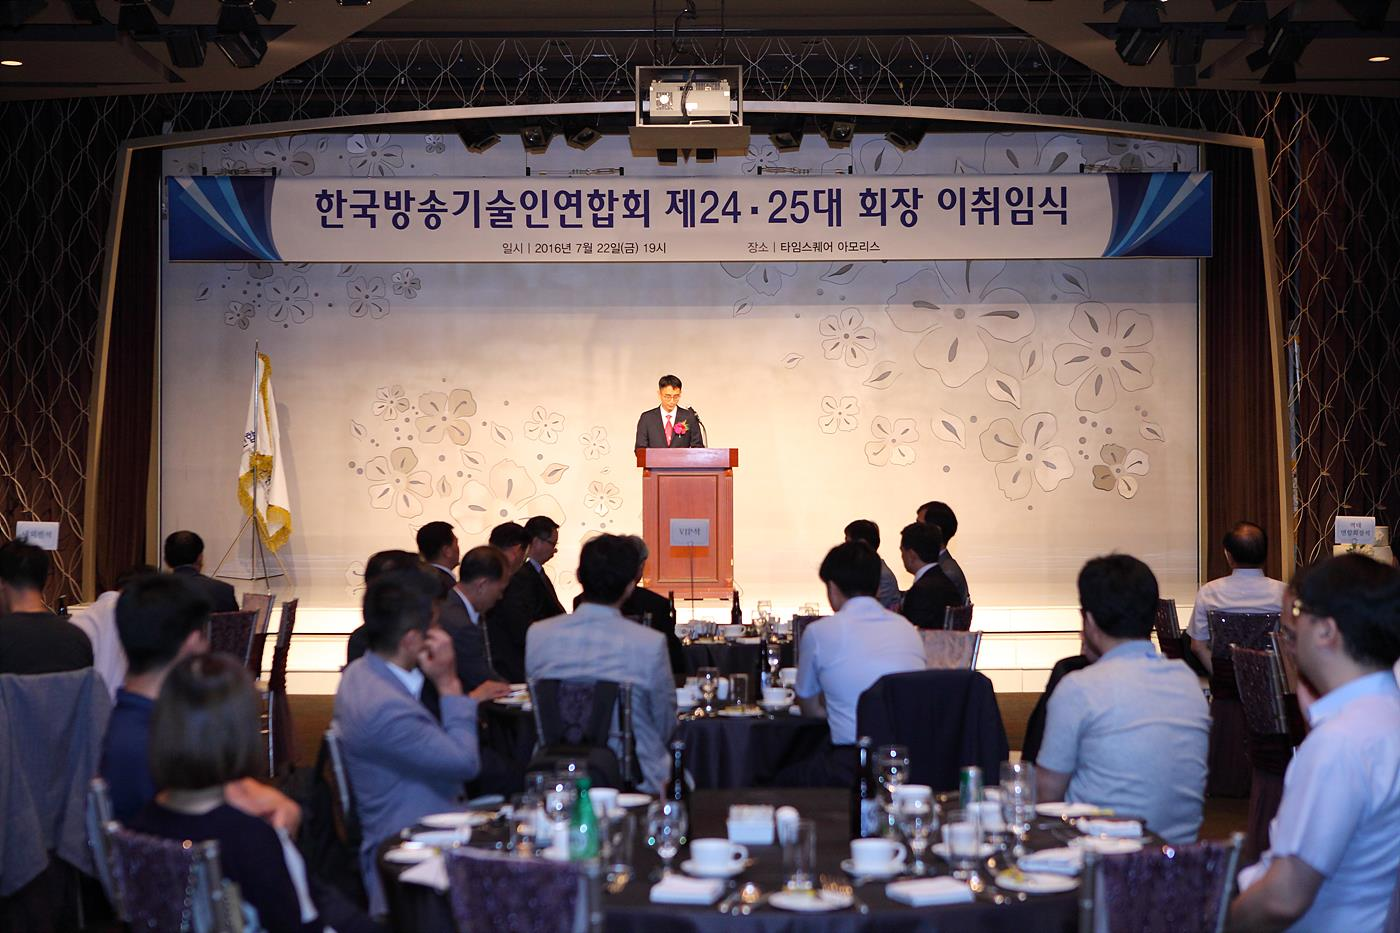 취임사에서 목표와 포부를 밝히는 박종석 제25대 연합회장